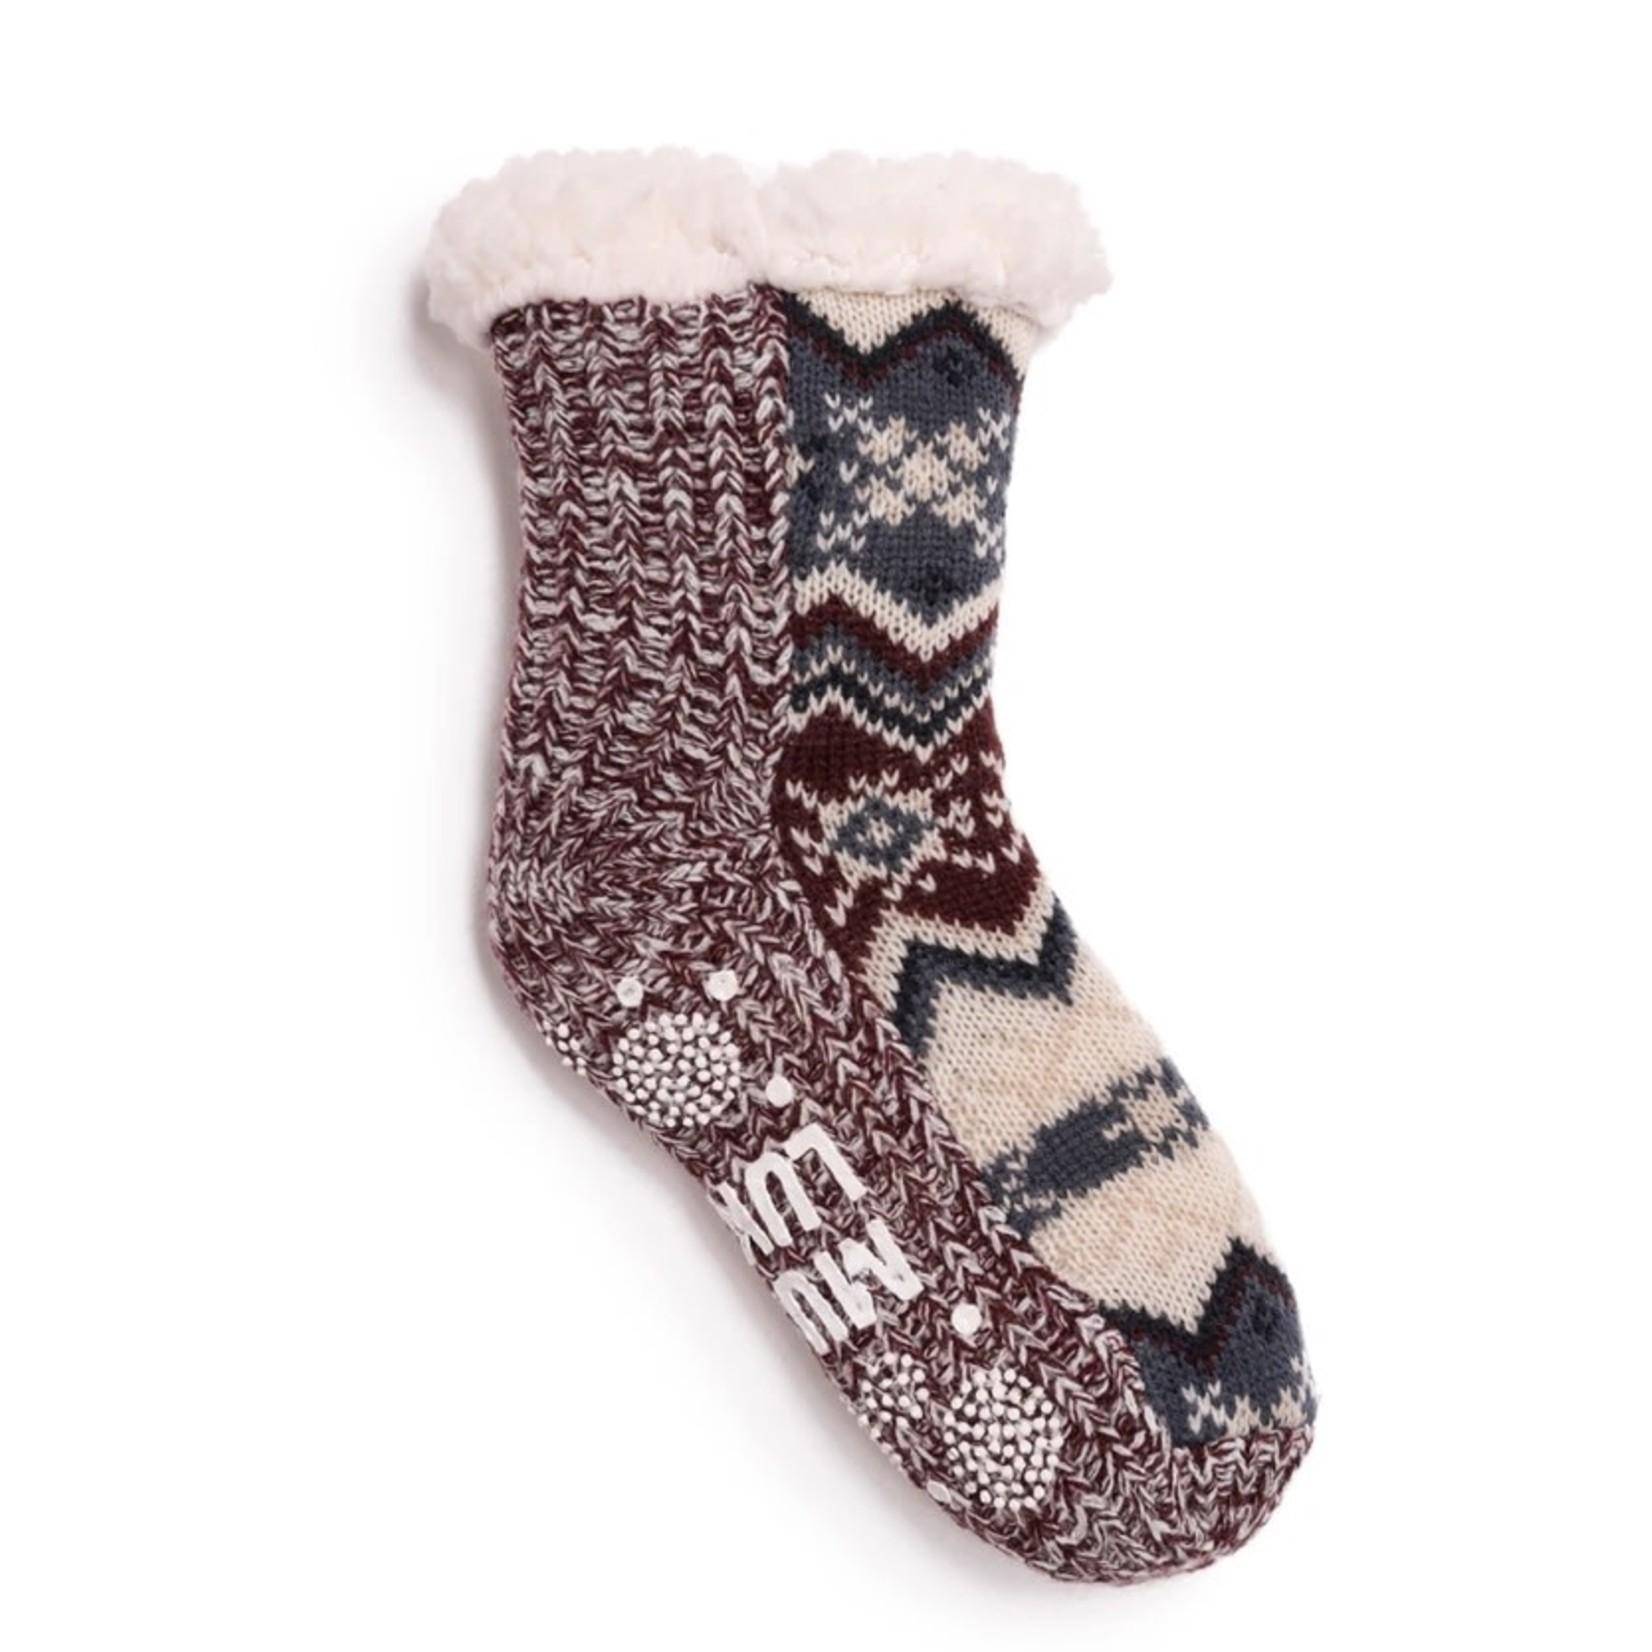 Muk Luks Socks: Cabin Sock